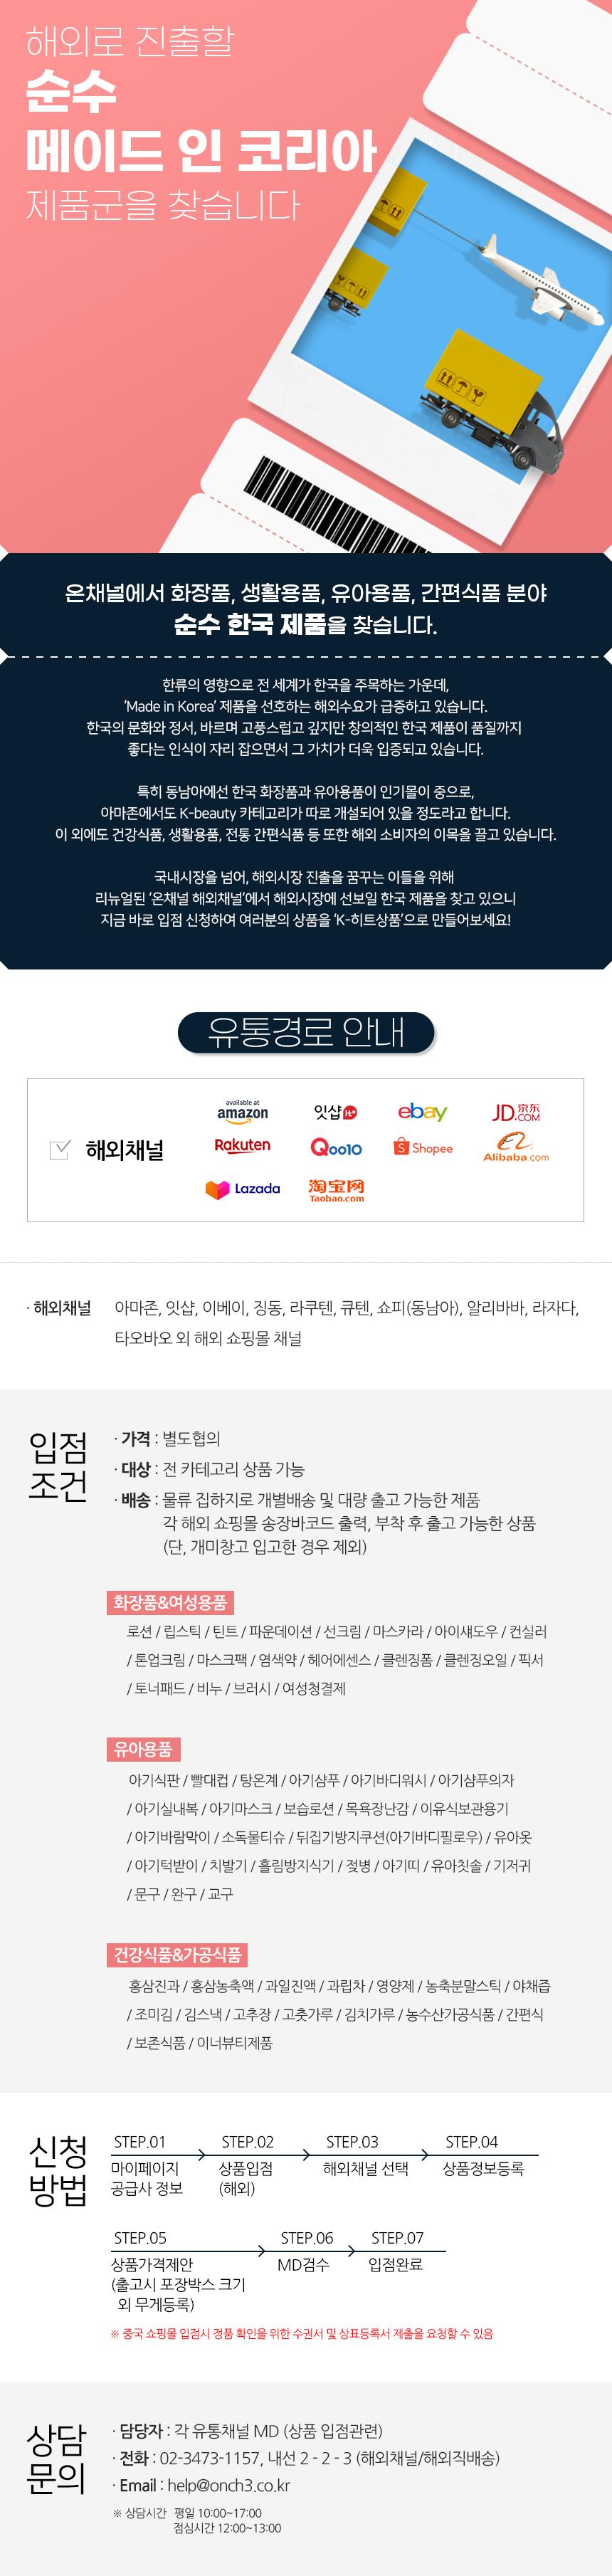 210317_해외_1.png